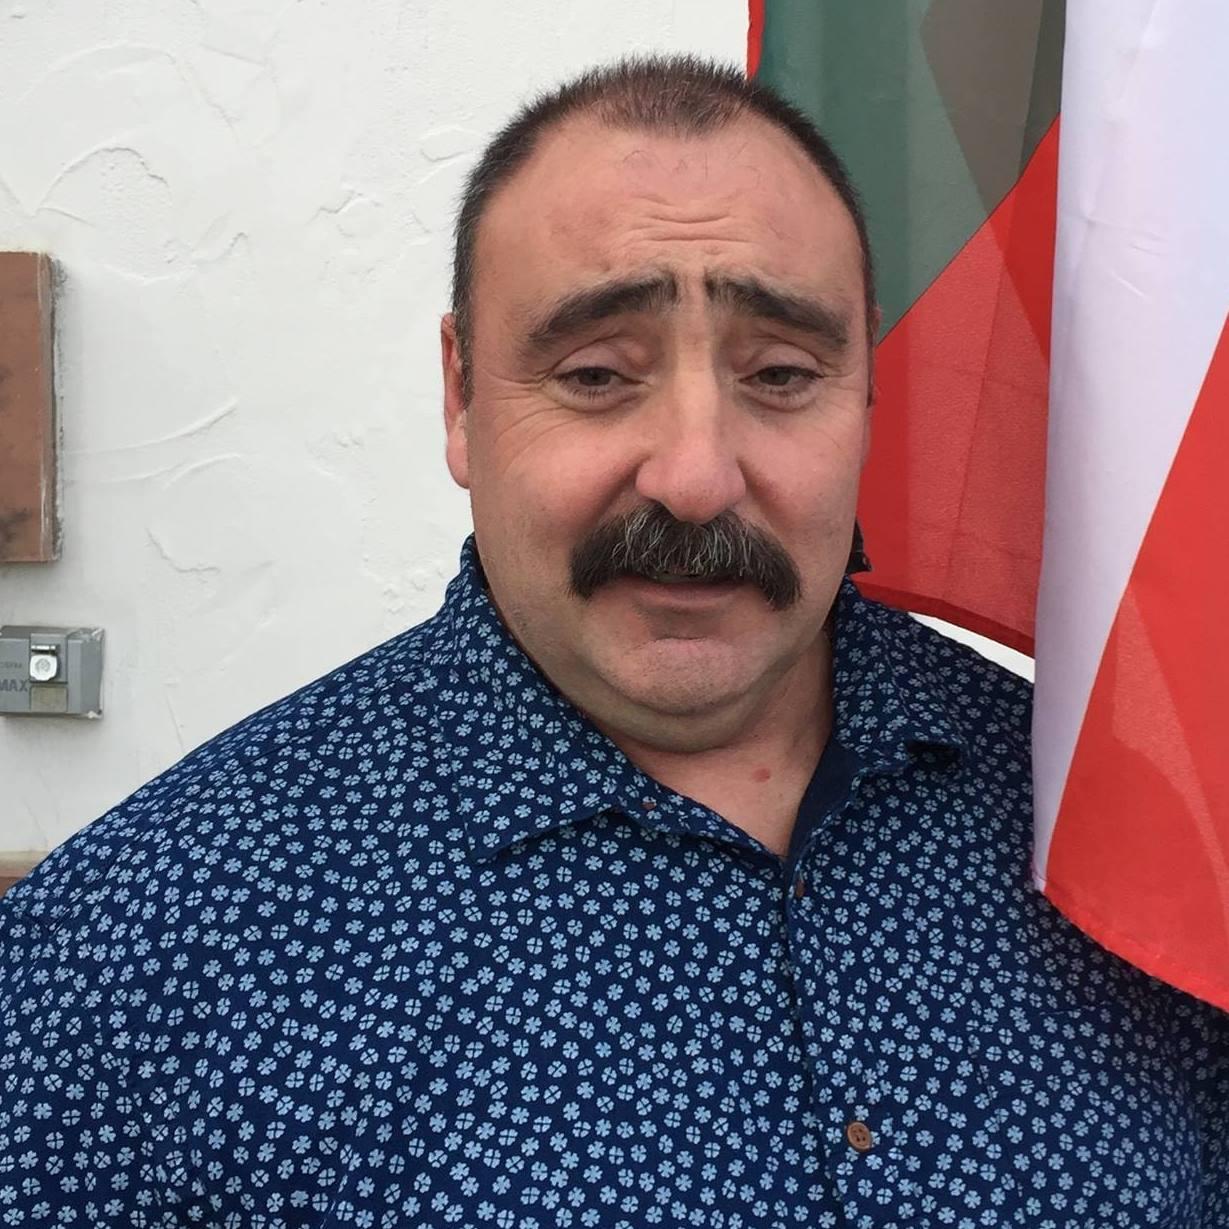 Aitor Narvaiza, el vasco de Ermua que es candidato al cargo de Sheriff del Condado de Elko